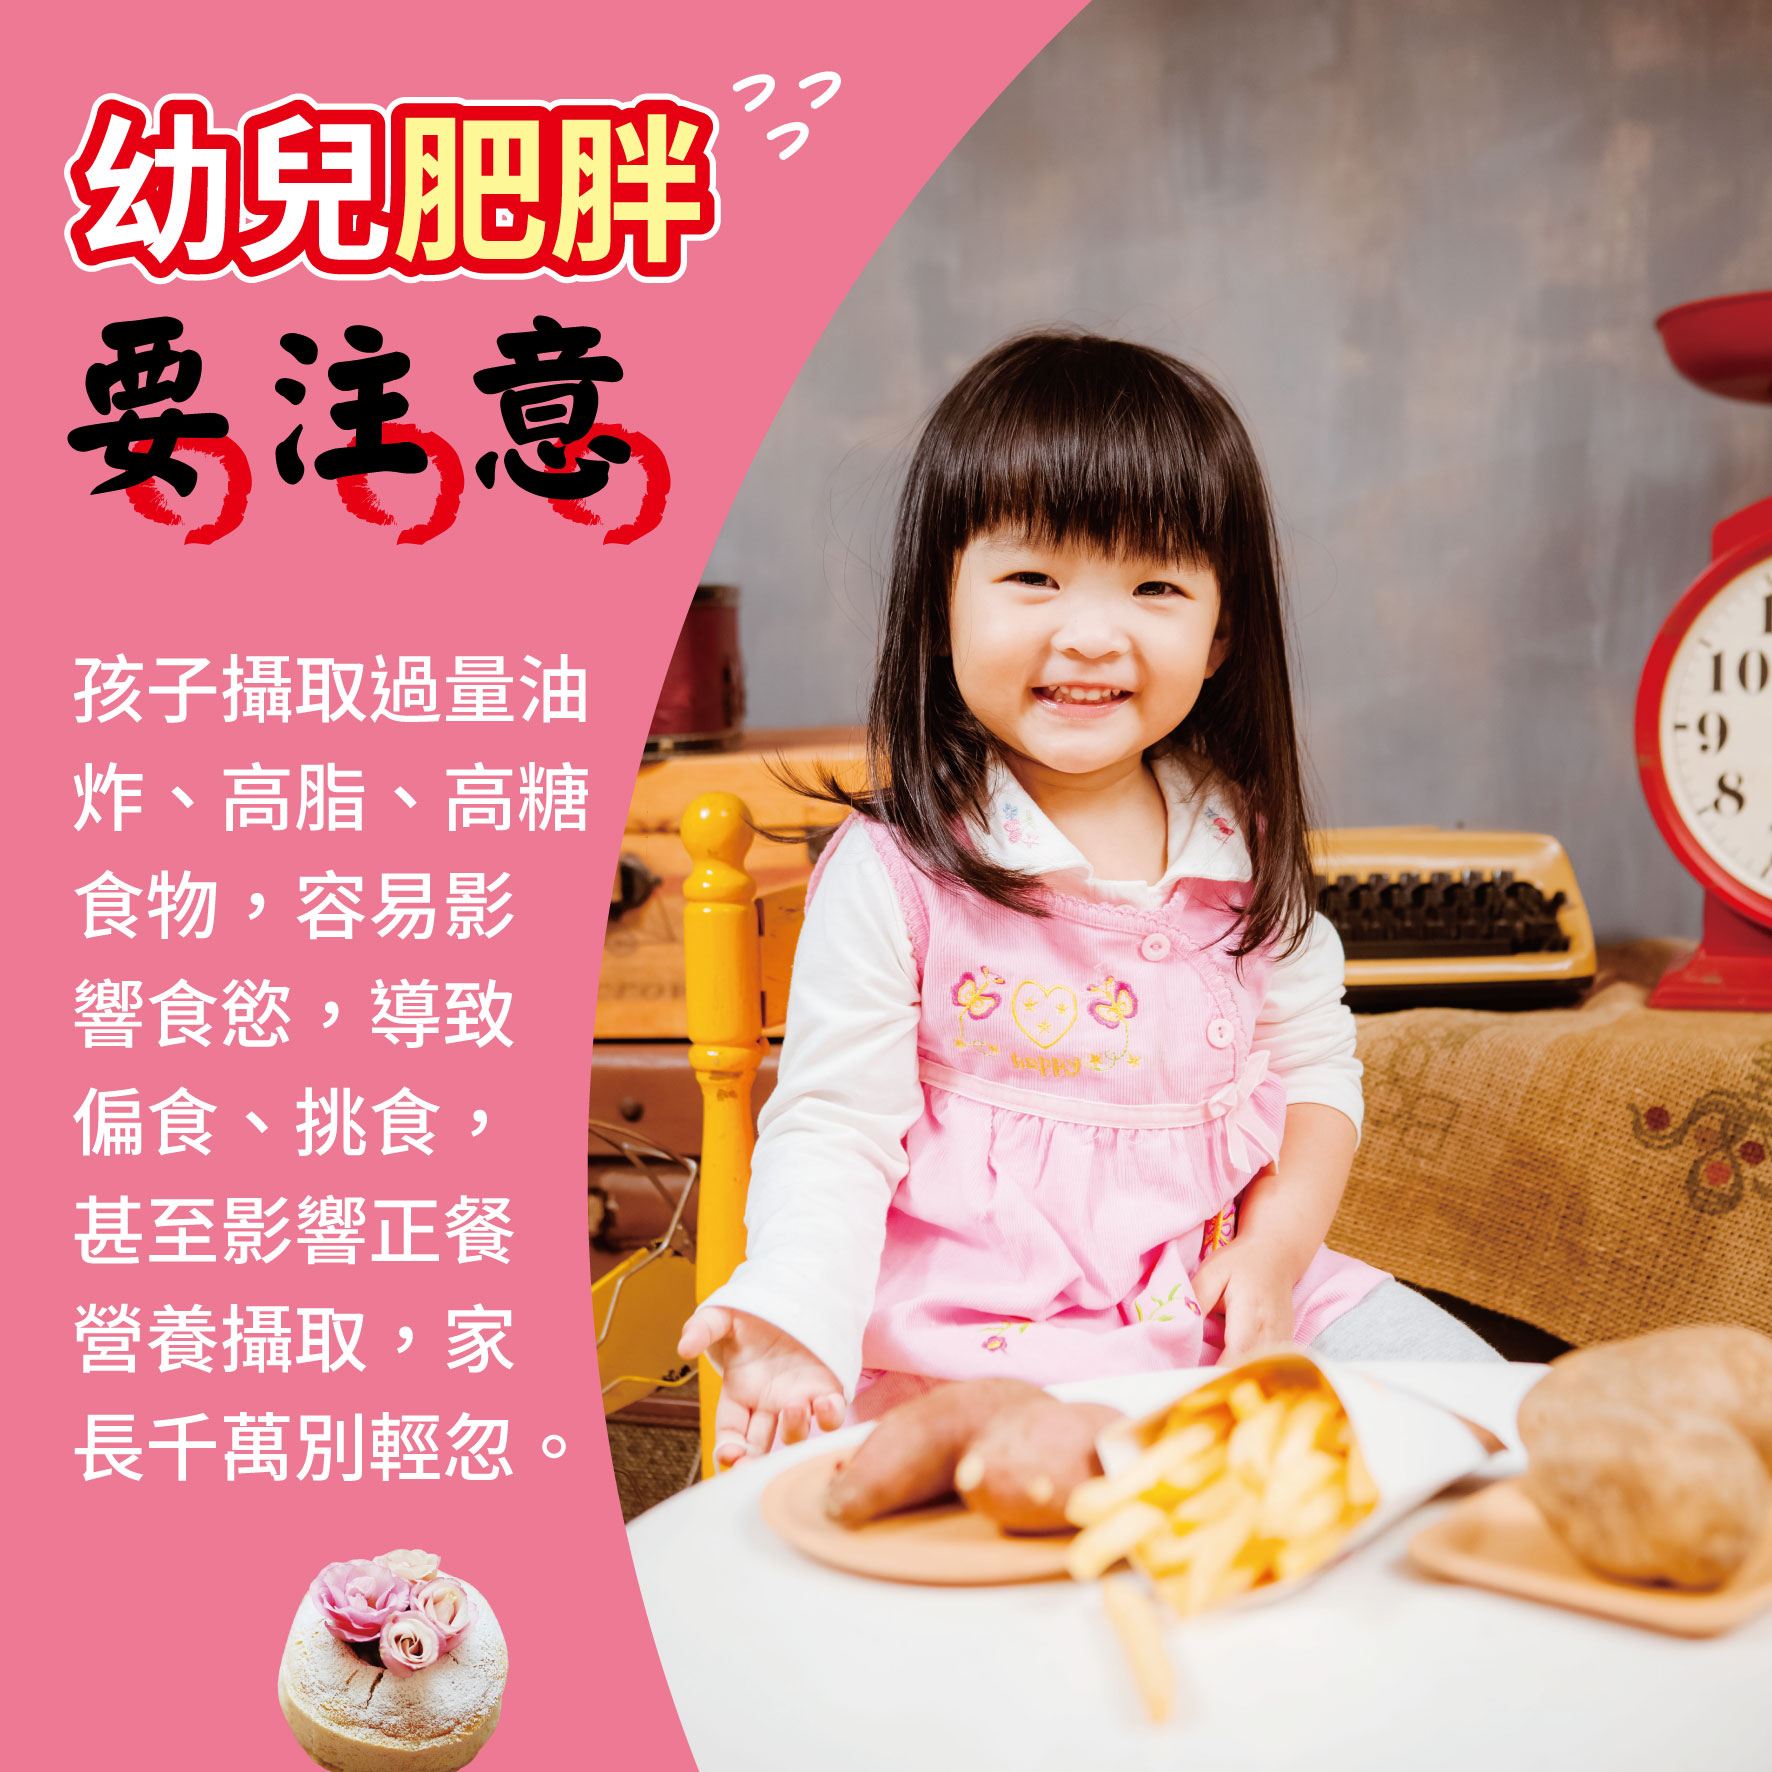 幼兒4歲(第6週)幼兒肥胖要注意